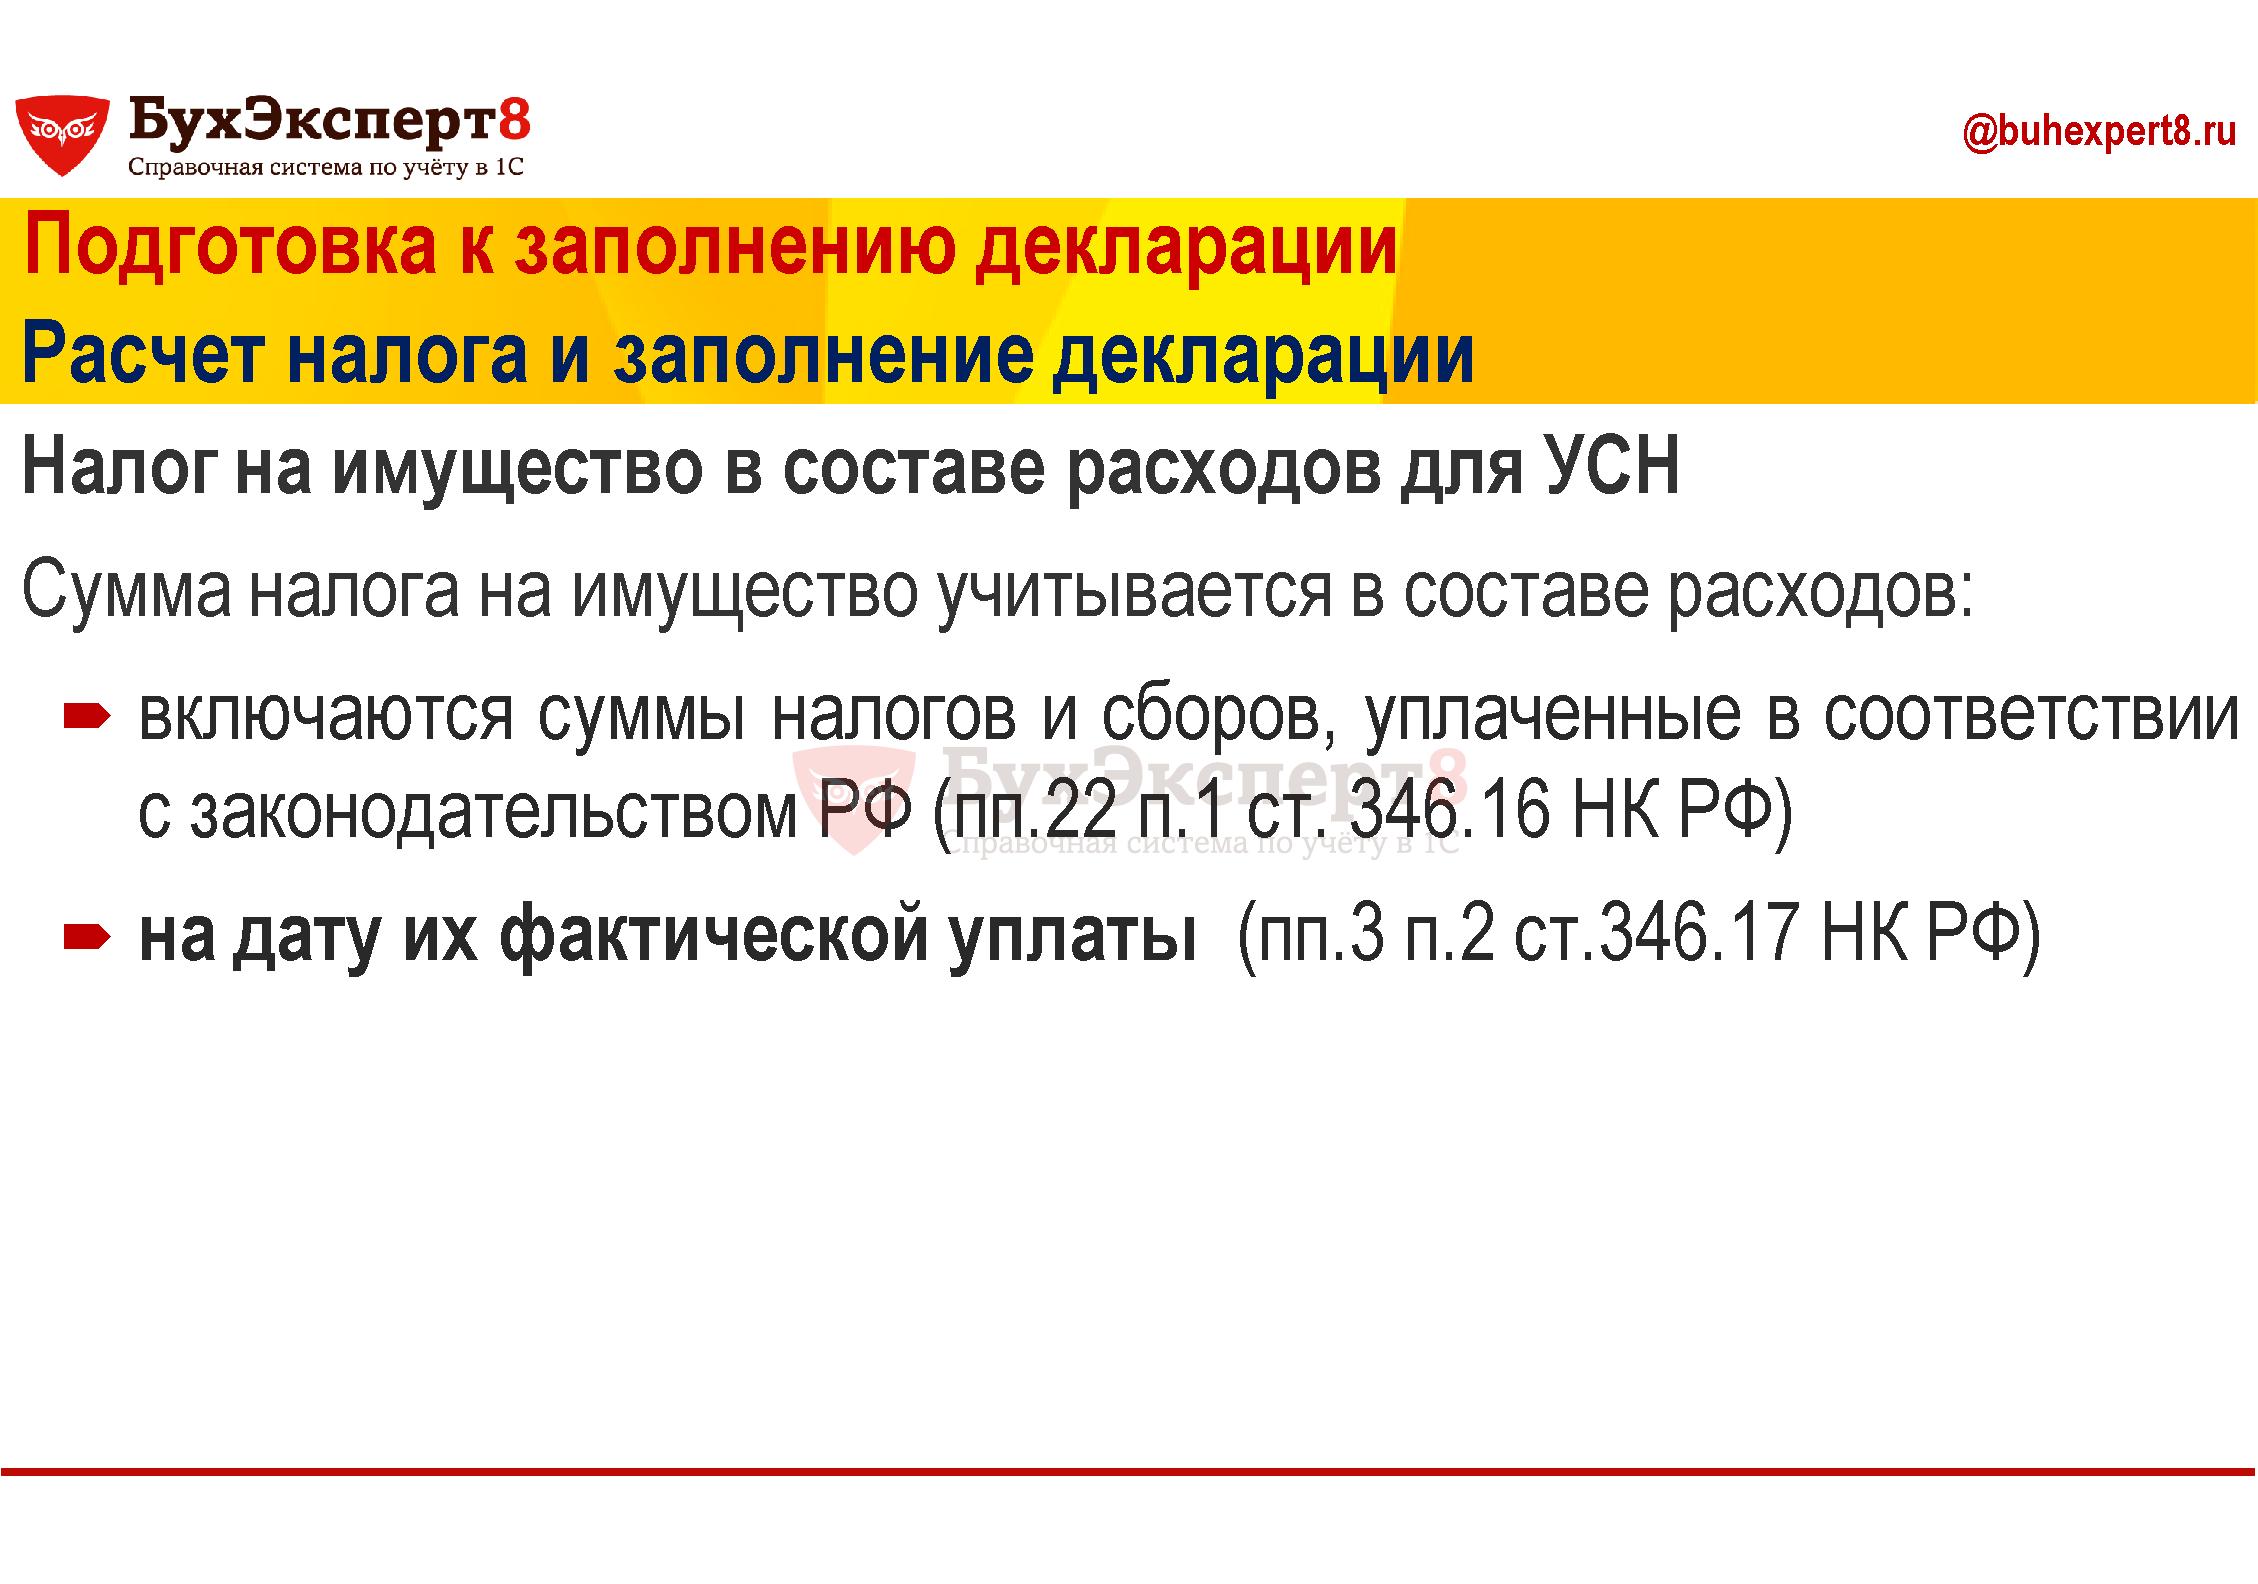 Подготовка к заполнению декларации Расчет налога и заполнение декларации Налог на имущество в составе расходов для УСН Сумма налога на имущество учитывается в составе расходов: включаются суммы налогов и сборов, уплаченные в соответствии с законодательством РФ (пп.22 п.1 ст. 346.16 НК РФ) на дату их фактической уплаты (пп.3 п.2 ст.346.17 НК РФ)